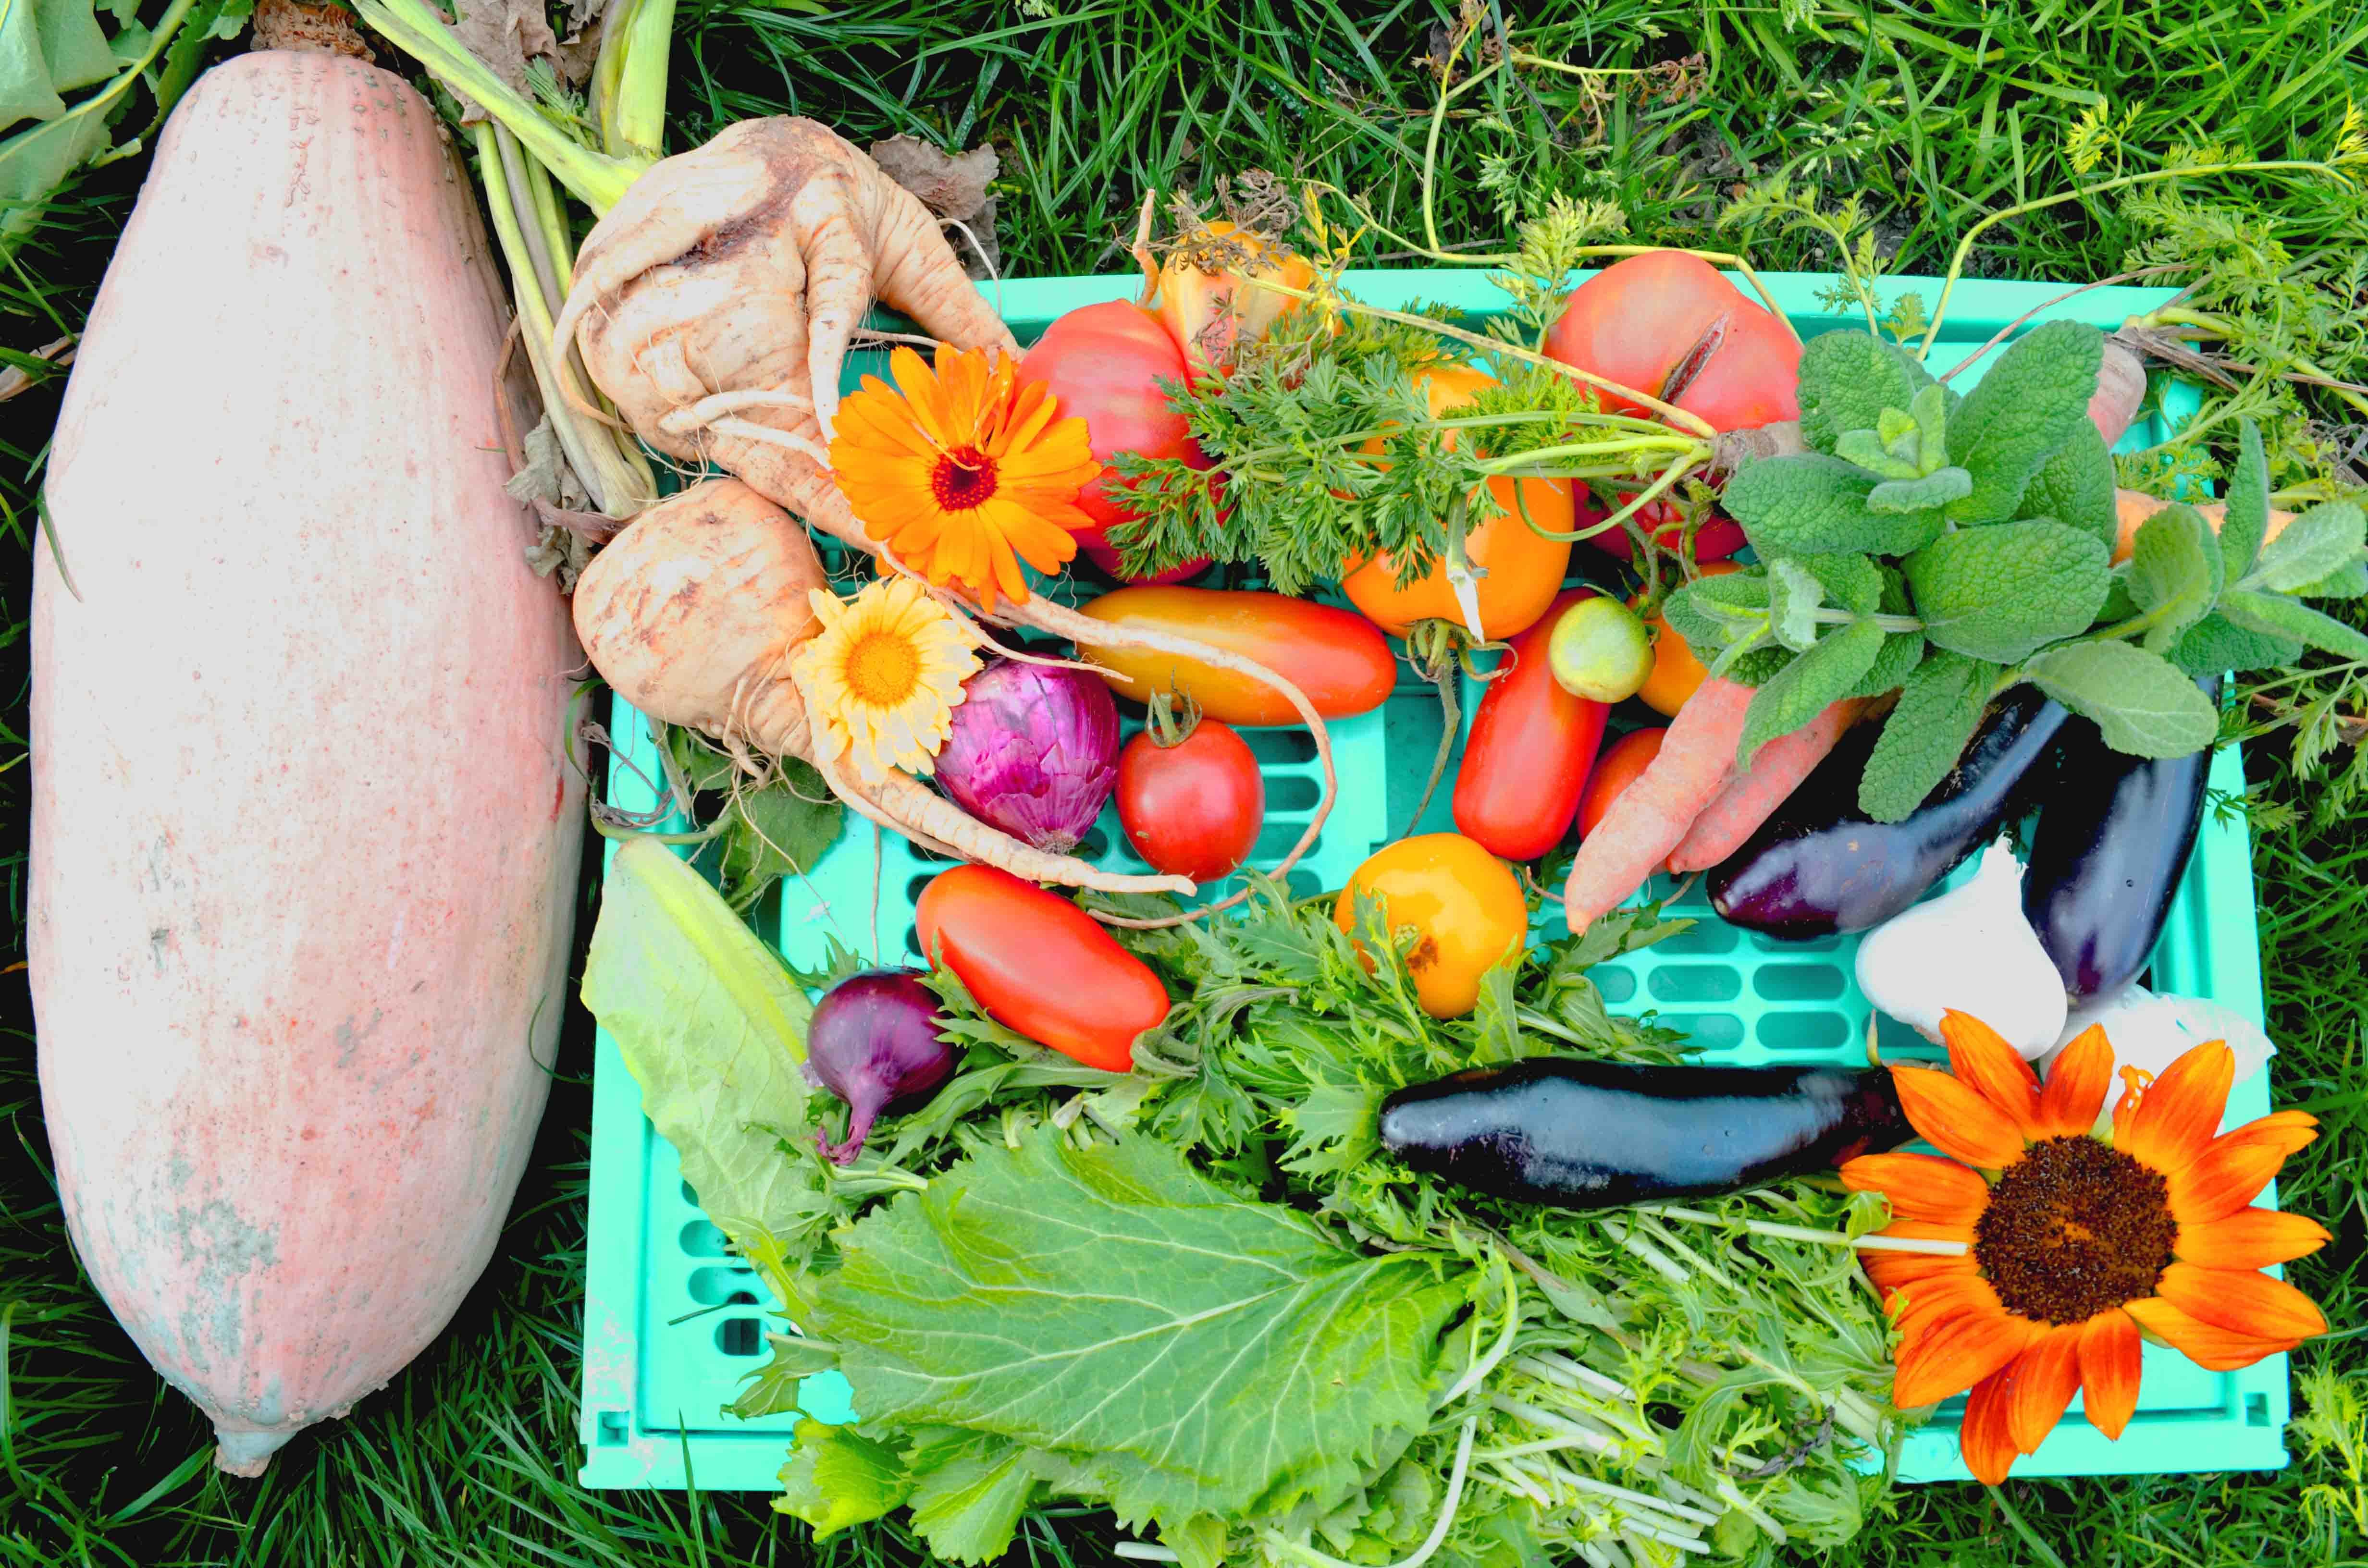 Gemüsegarten Anbauplan - So gelingt dir Gemüse anbauen - Haus und Beet